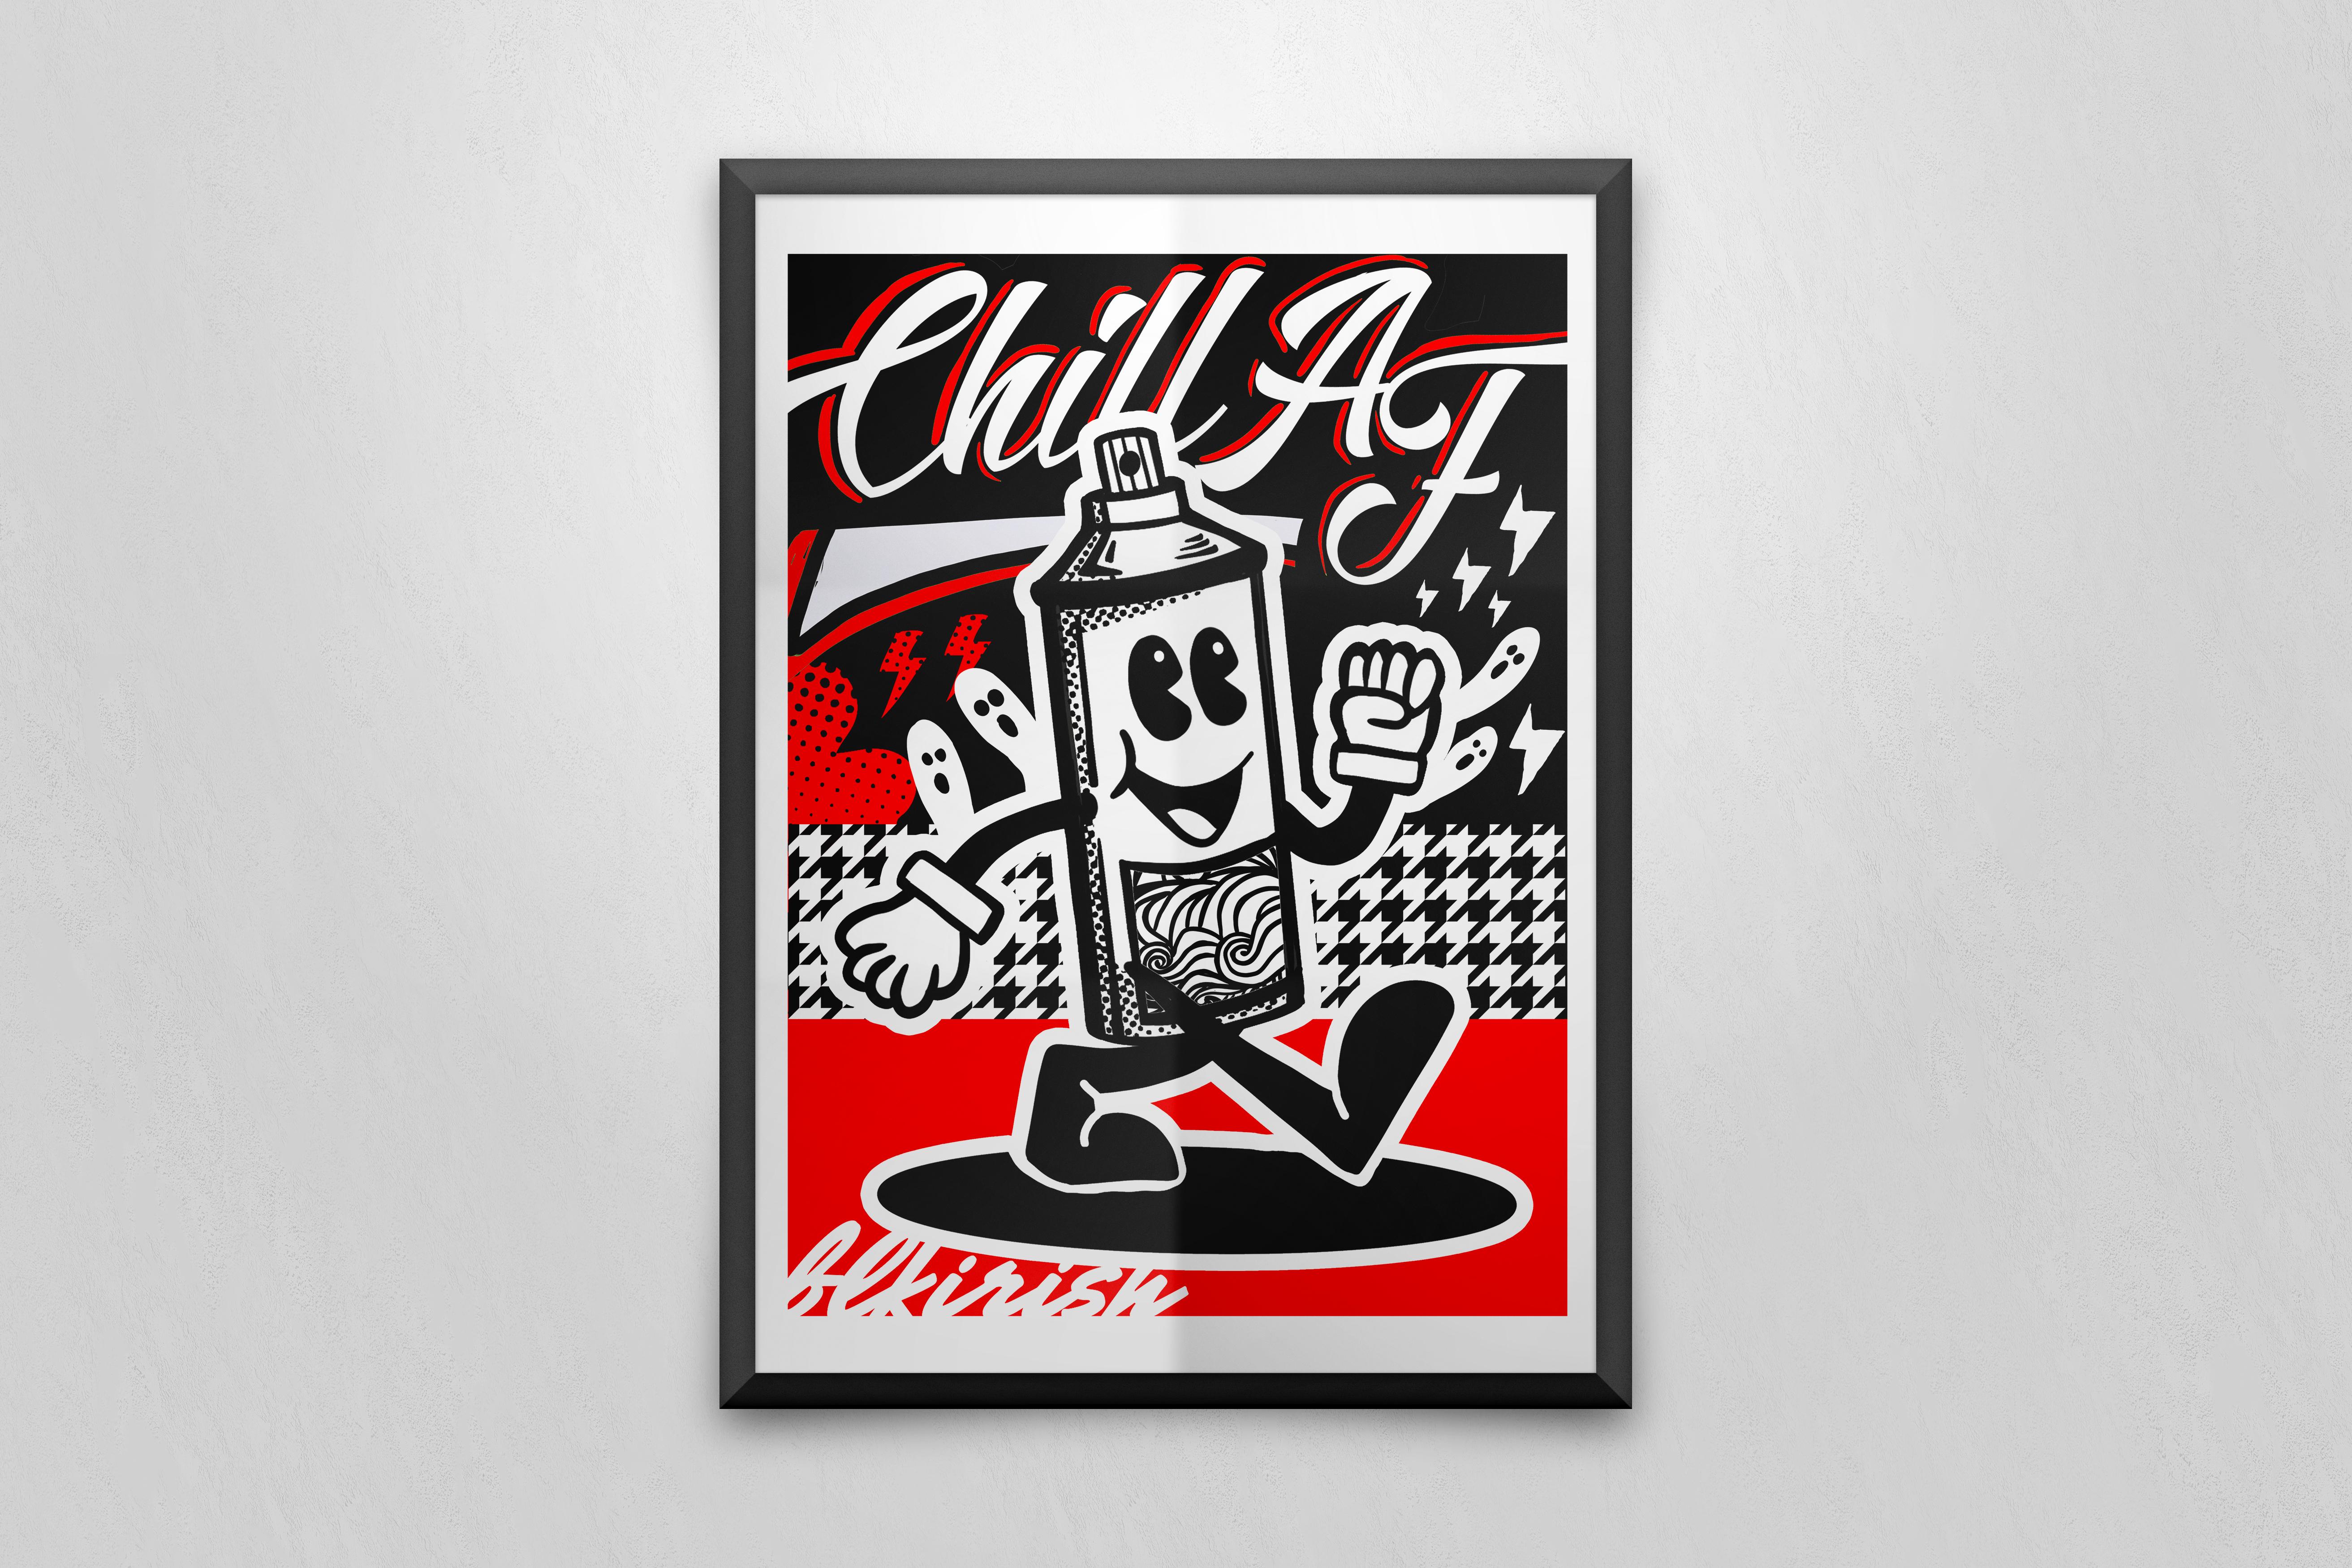 chill af poster-mockup